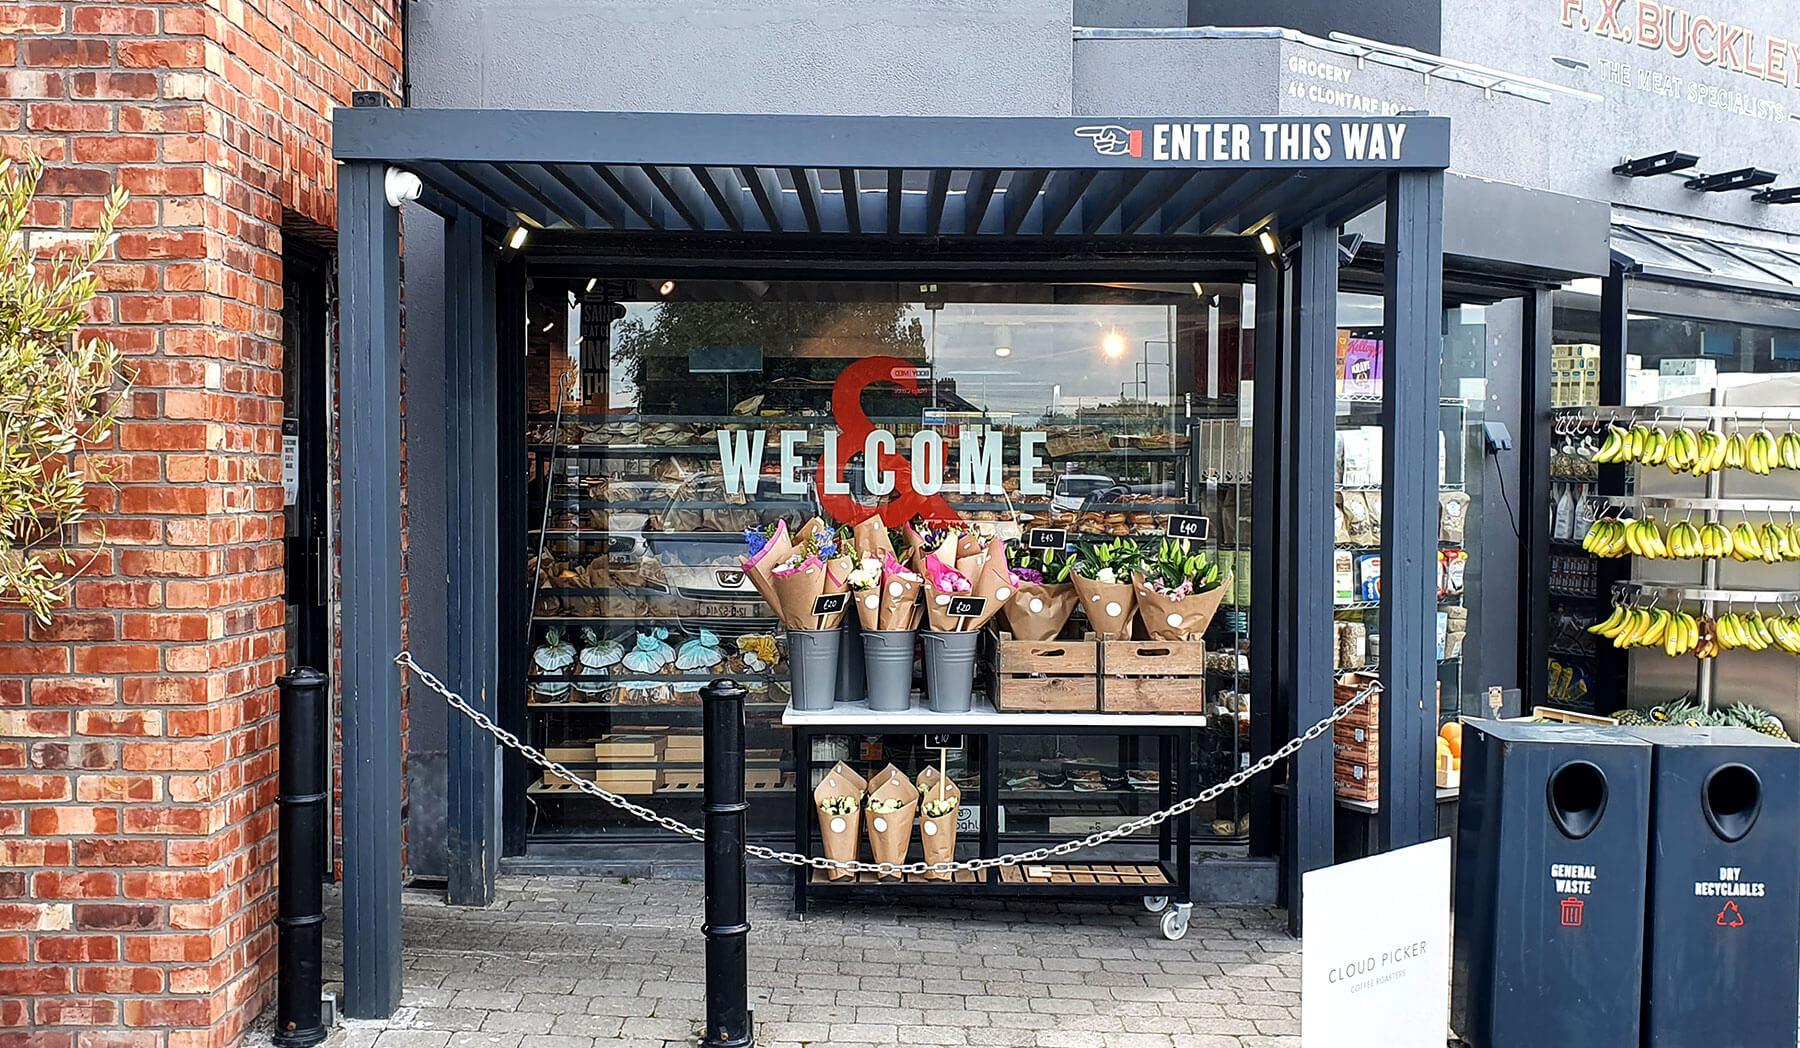 Lotts & Co Entrance